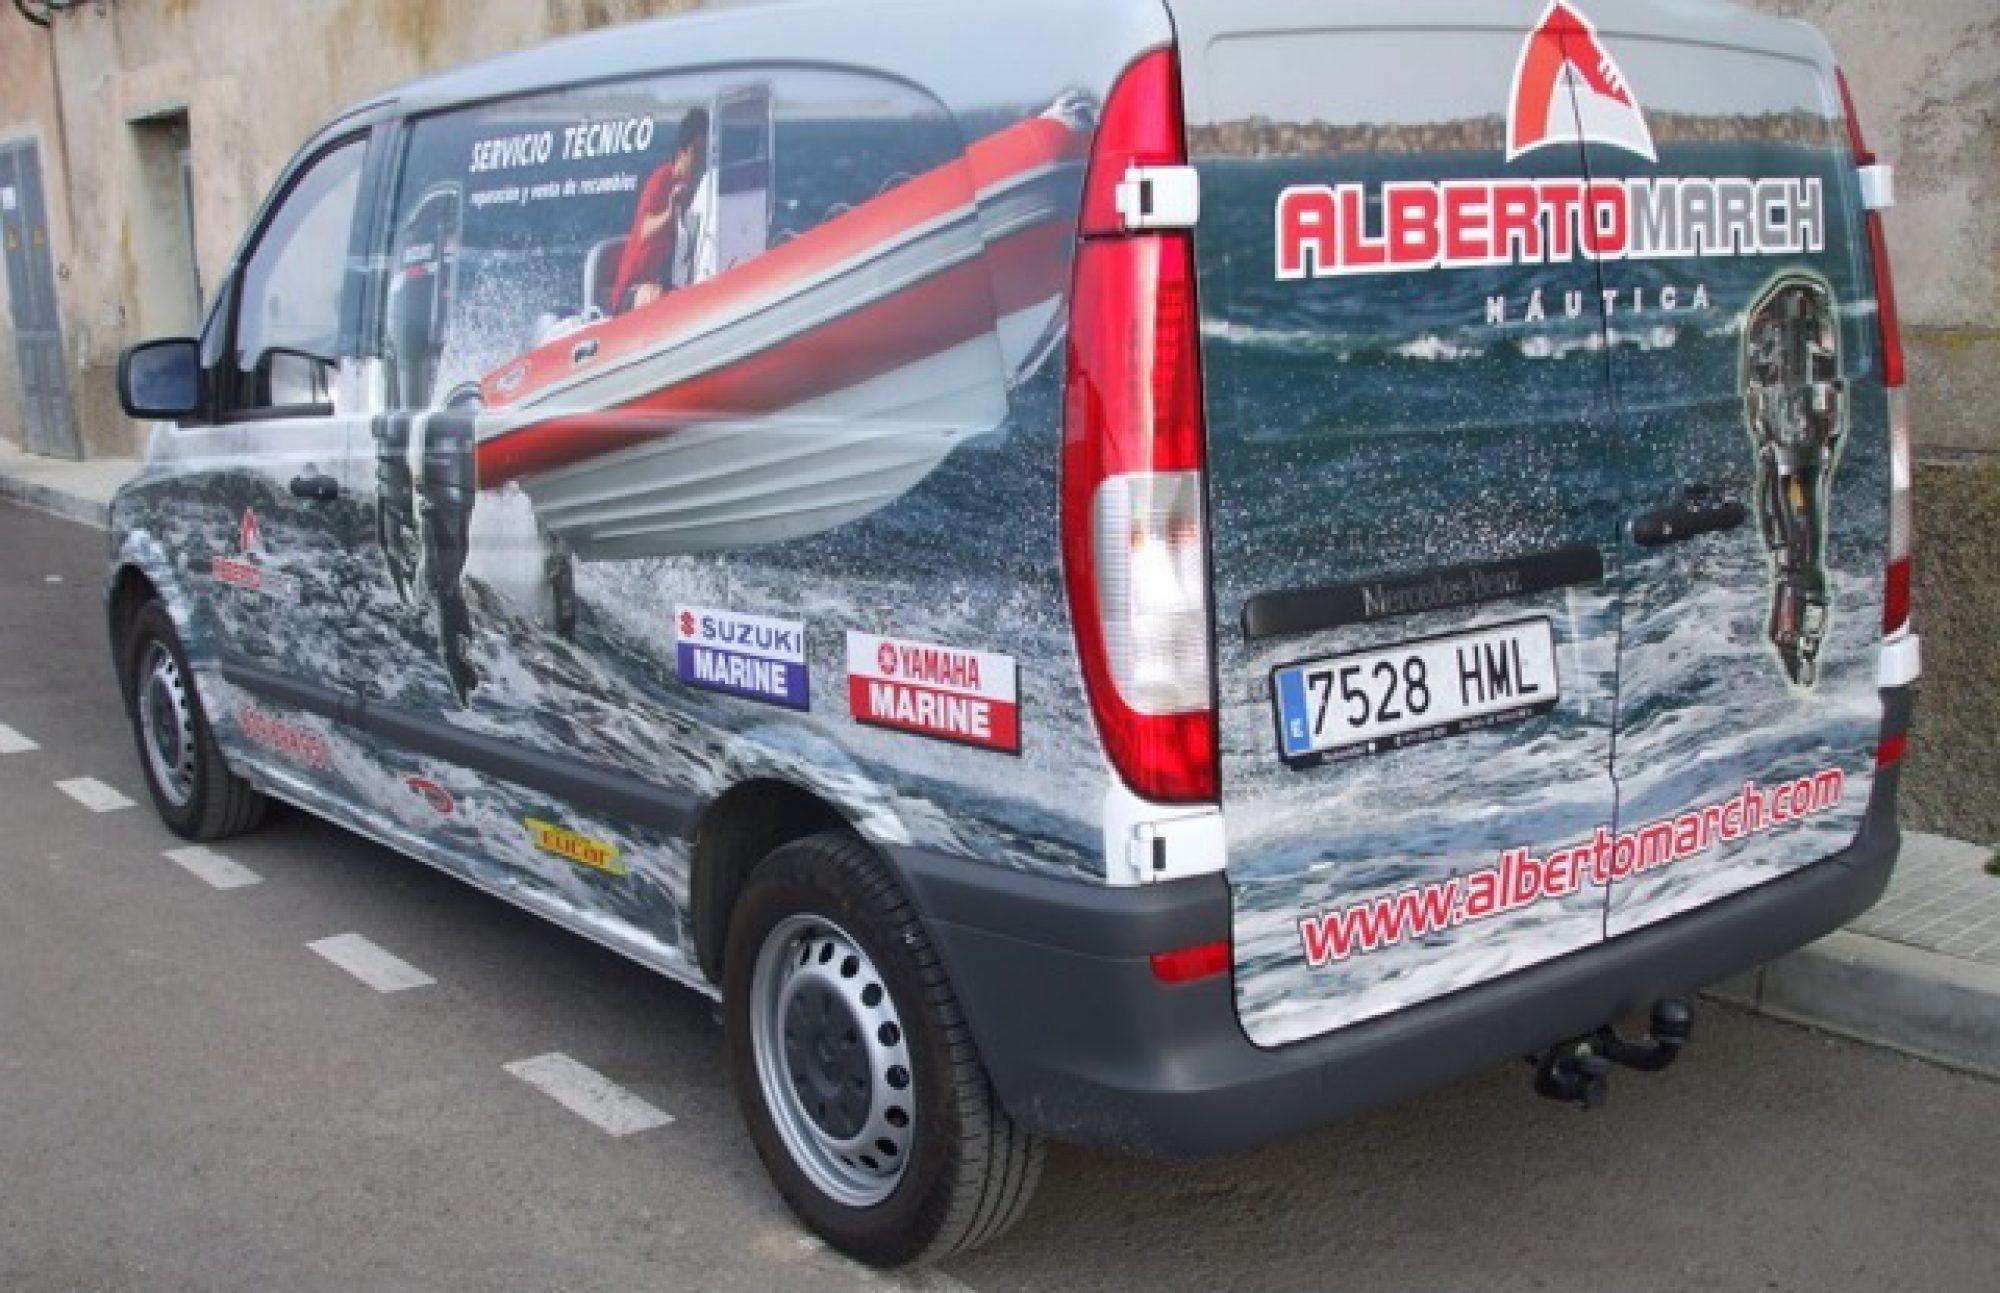 Alberto March